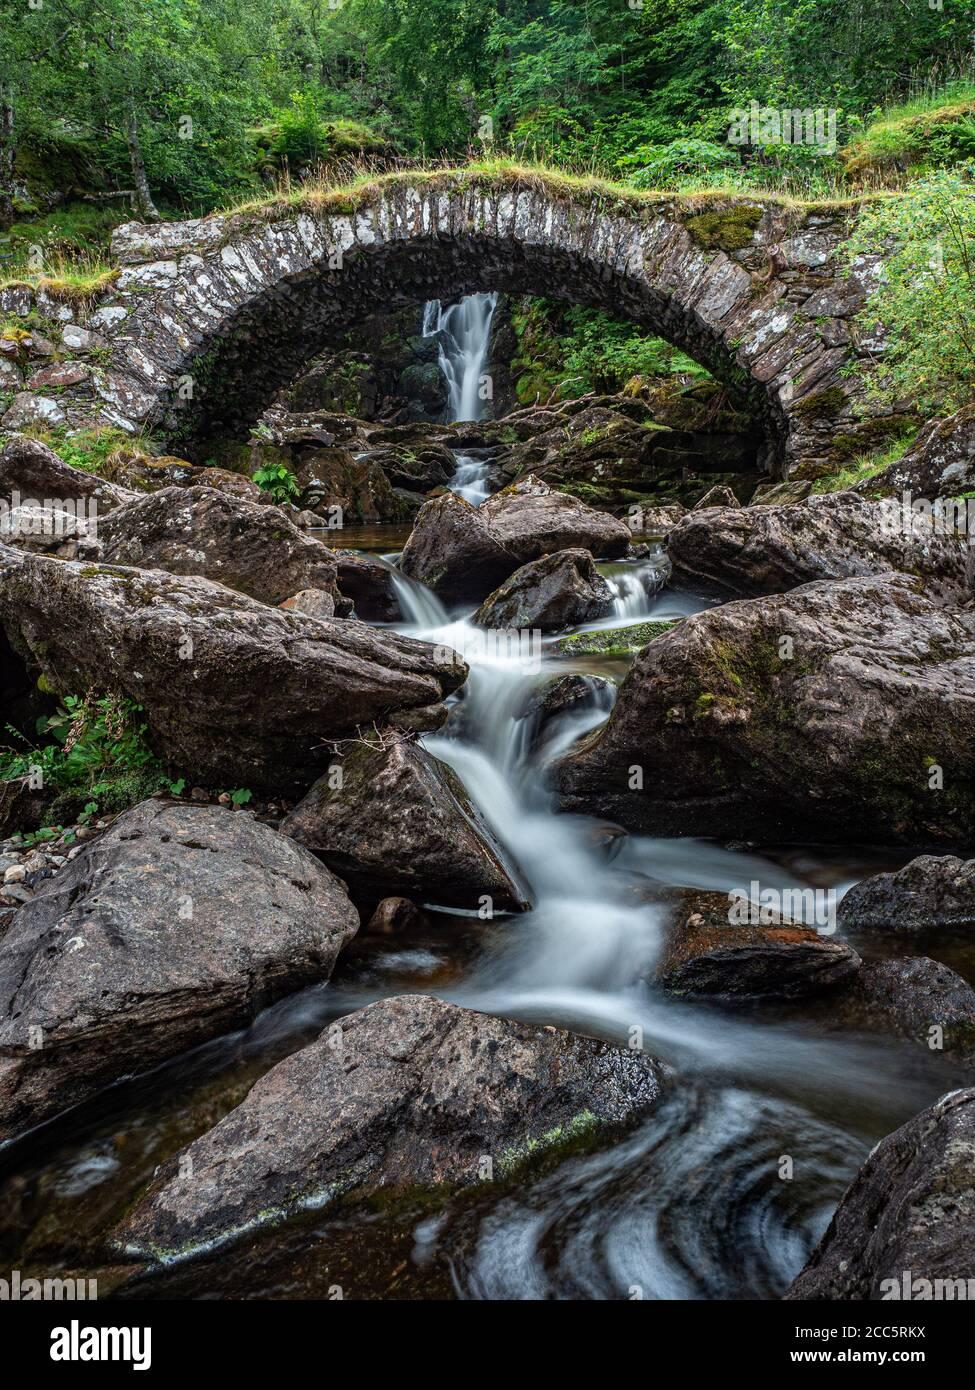 Un puente de caballo de empaquetamiento cruzando un afluente por debajo de una cascada en la orilla sur del río Lyon. Esto es conocido localmente como el Puente Romano, aunque actua Foto de stock